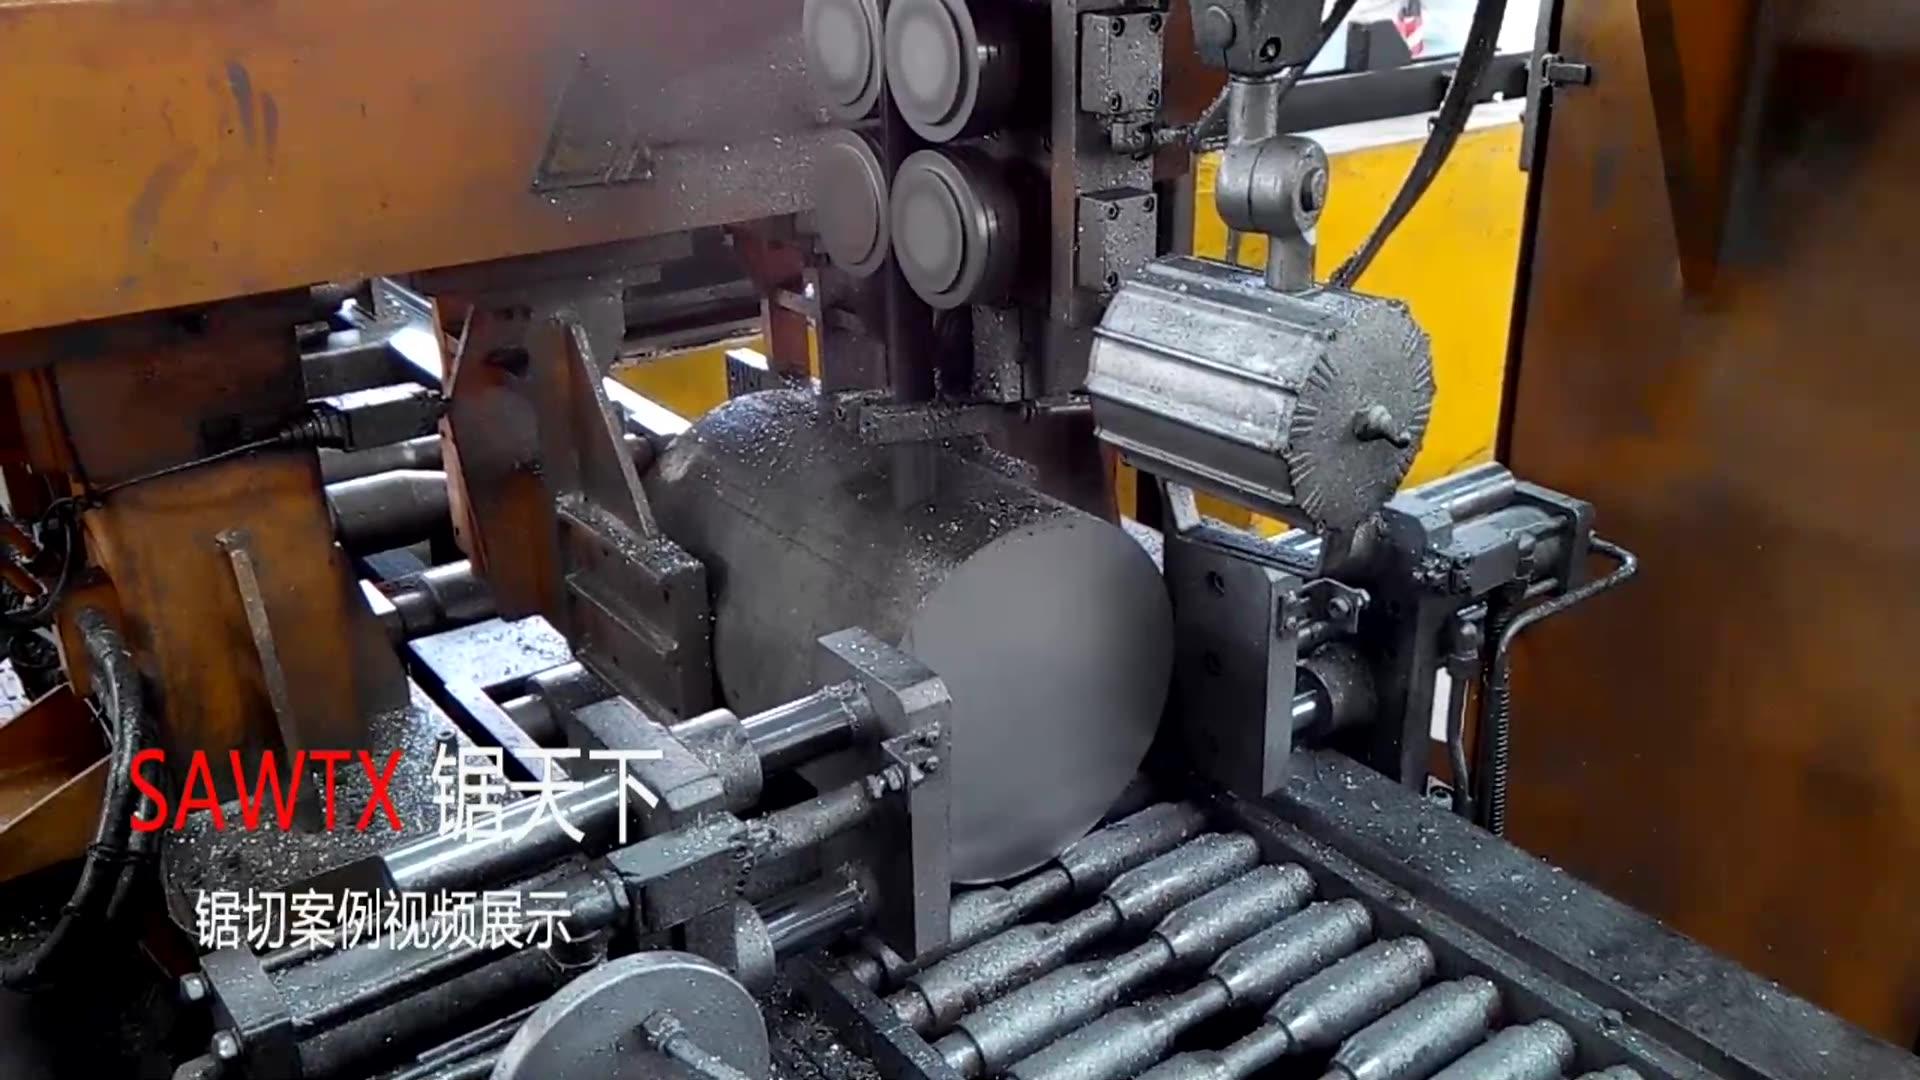 高速硬质合金带锯条高速锯切铝棒1